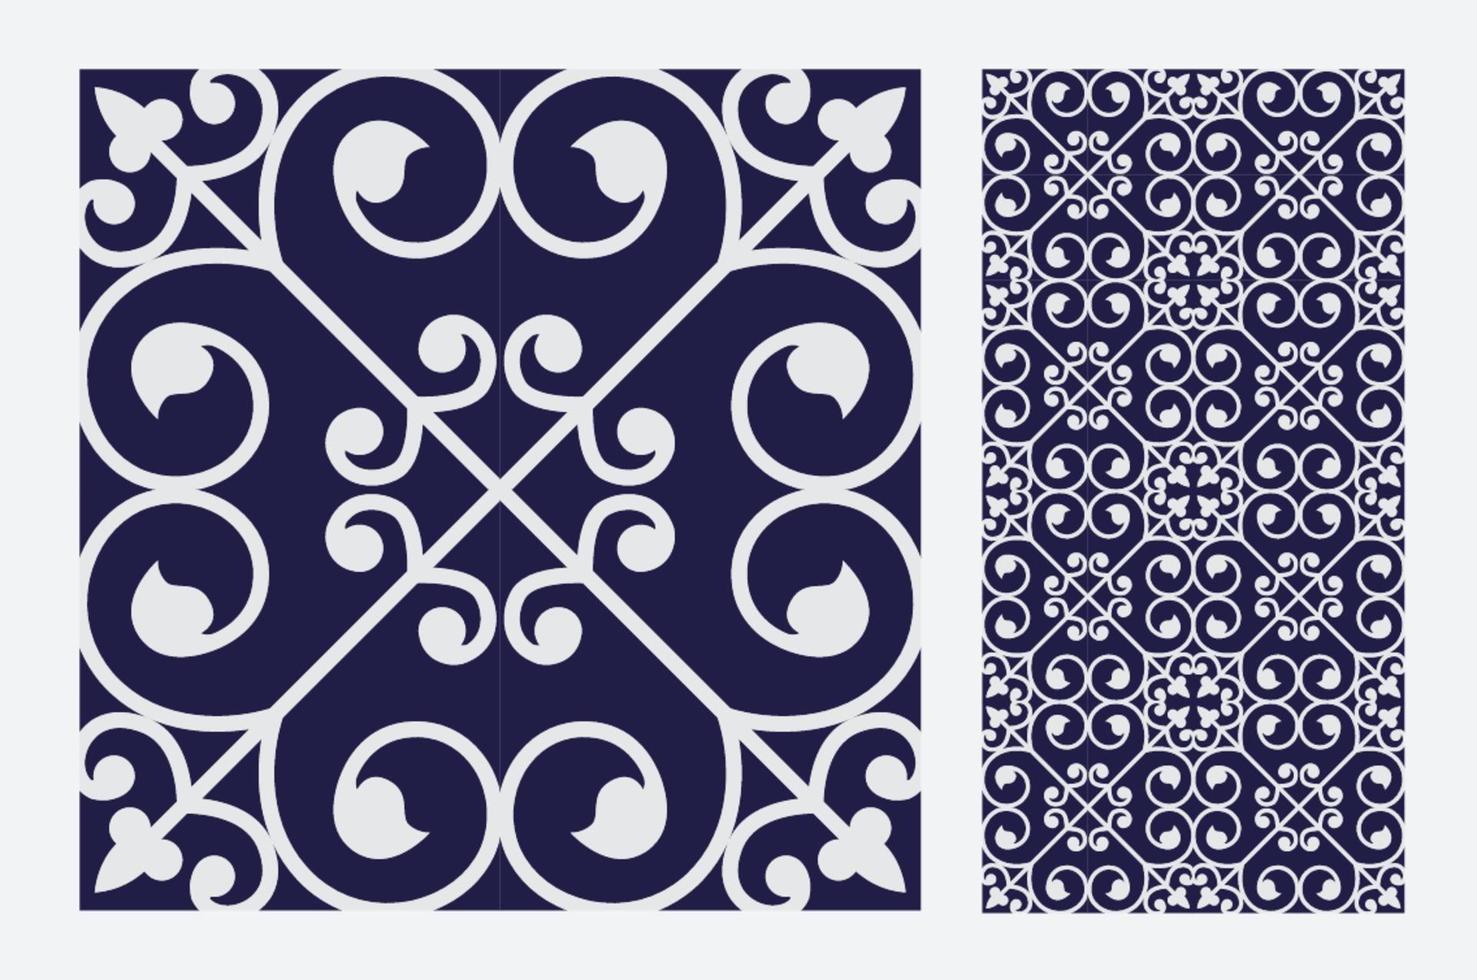 modelli di piastrelle d'epoca antico design senza soluzione di continuità in illustrazione vettoriale